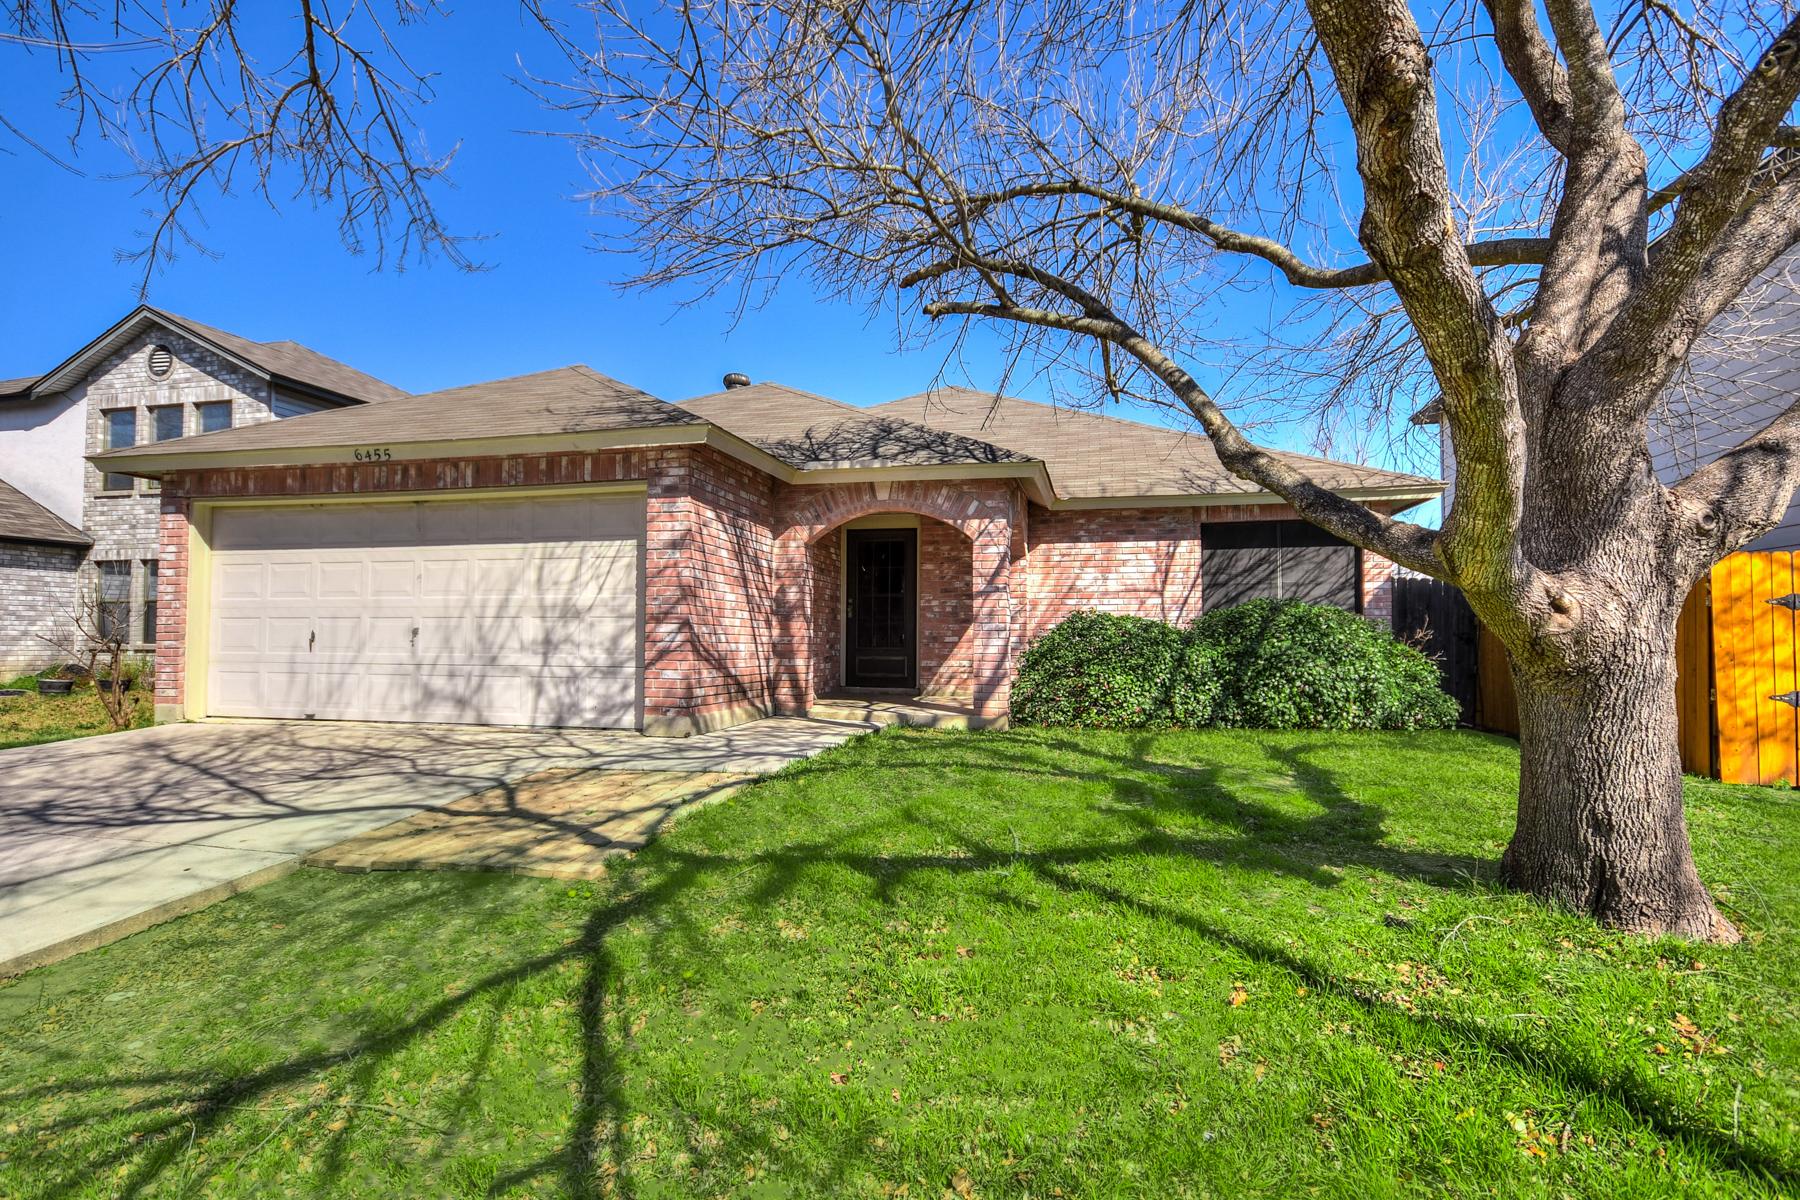 Casa Unifamiliar por un Venta en Spacious Home in Meadow Brook 6455 Beech Trail Dr Converse, Texas 78109 Estados Unidos